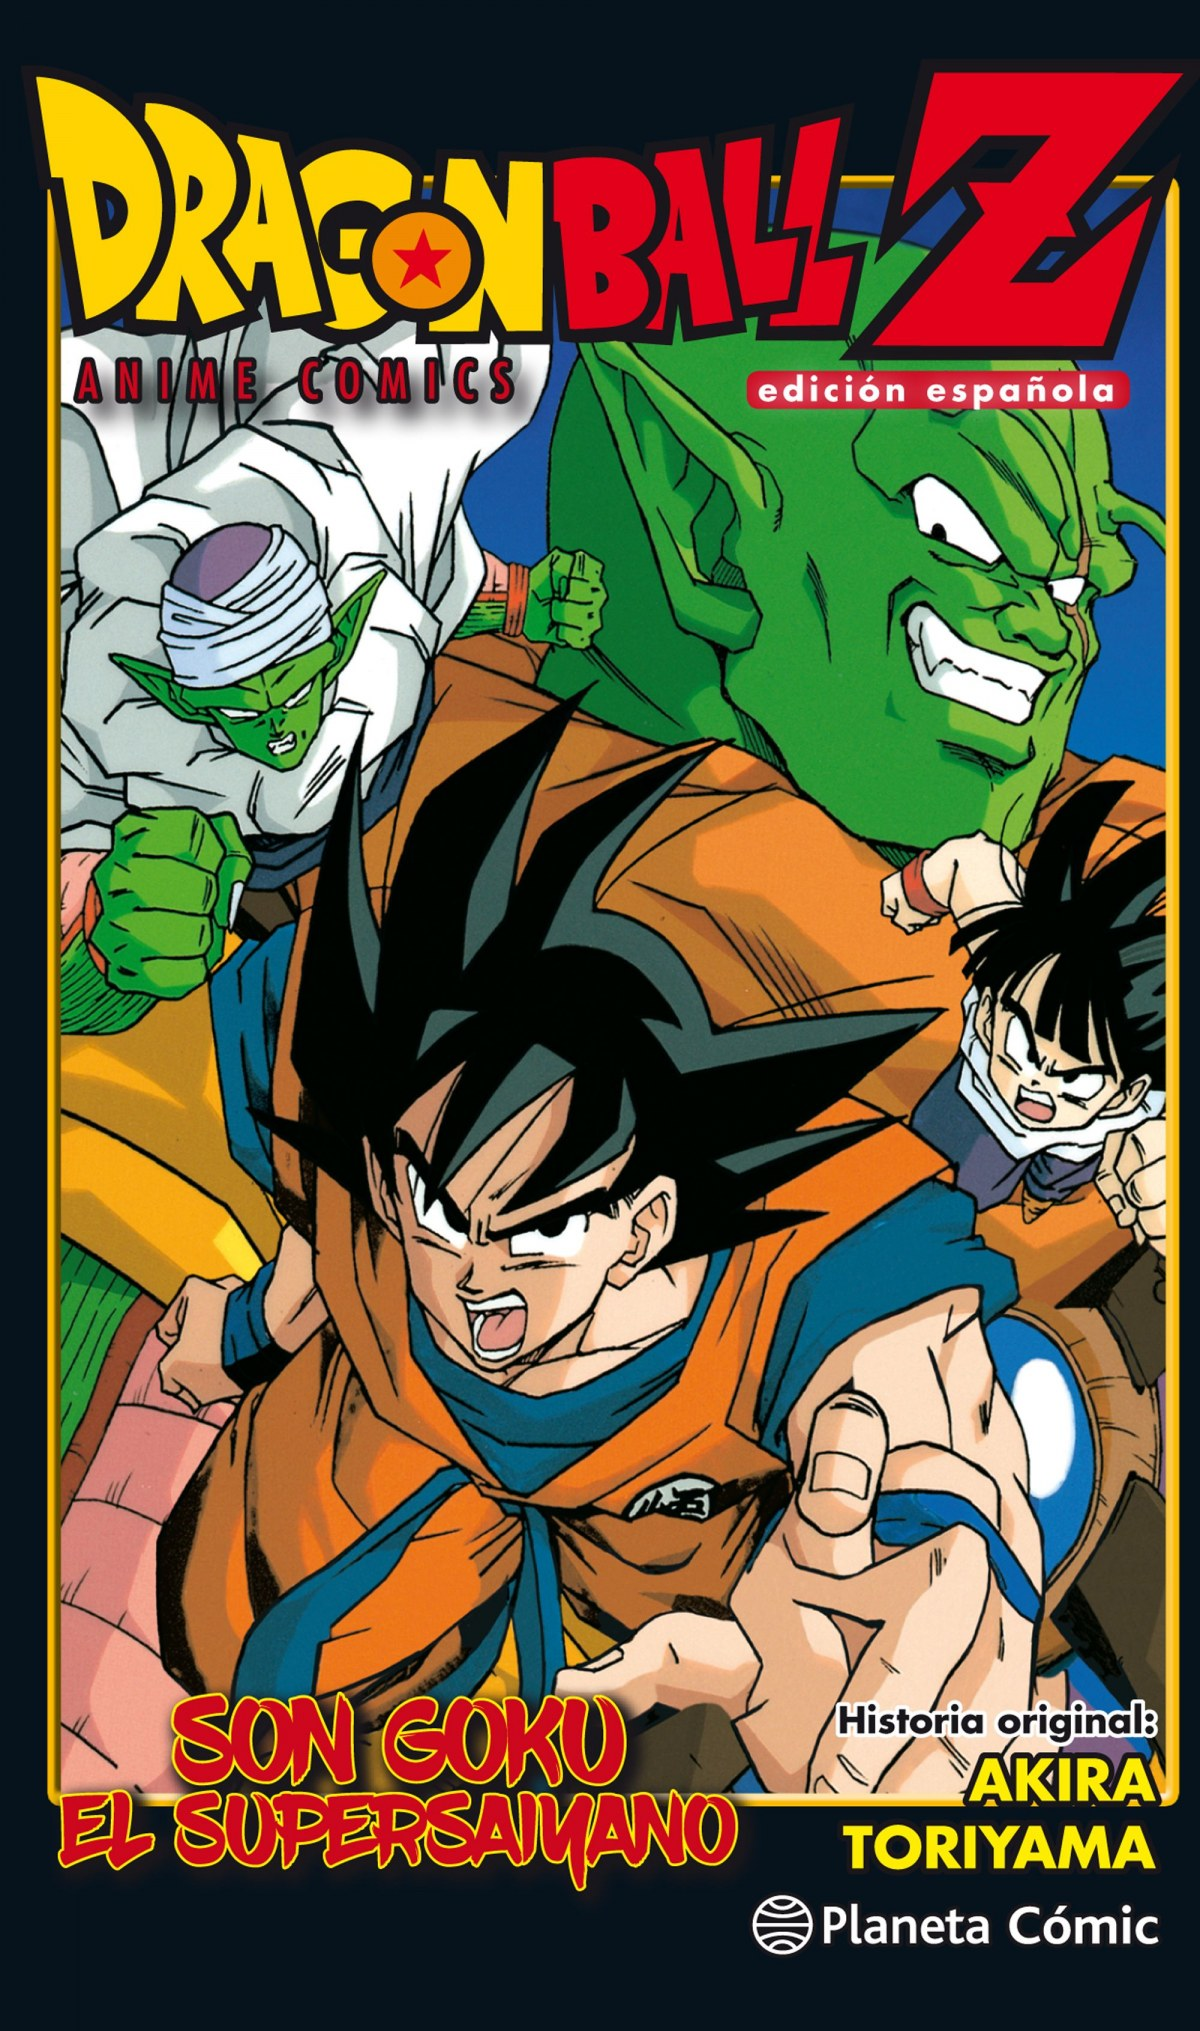 Dragon Ball Z Anime Comic Son Goku el Supersaiyano. Edición españ